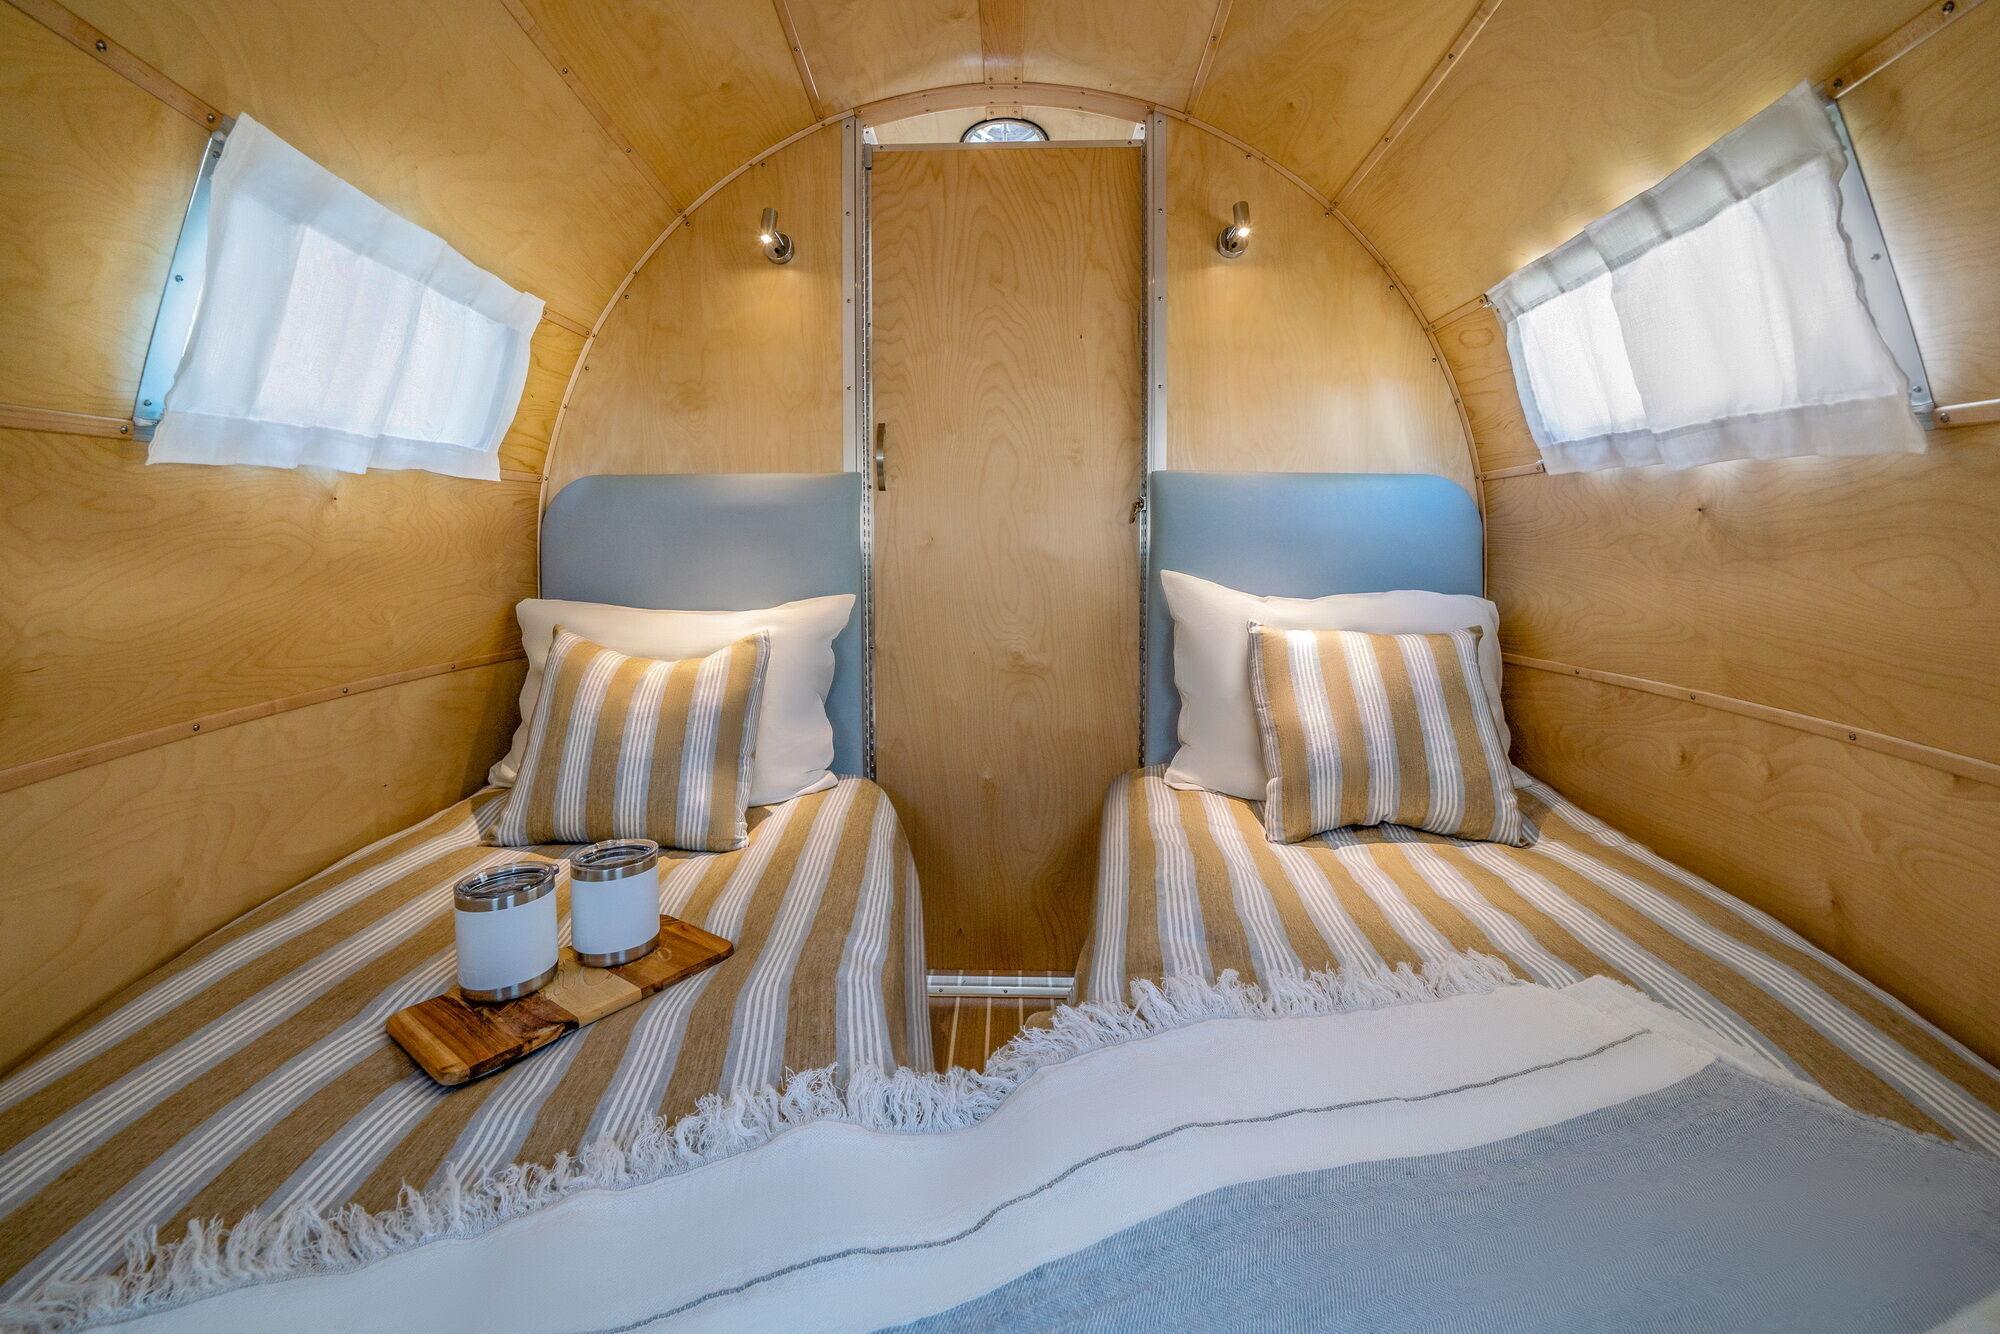 Салон передбачає наявність 4 спальних місць